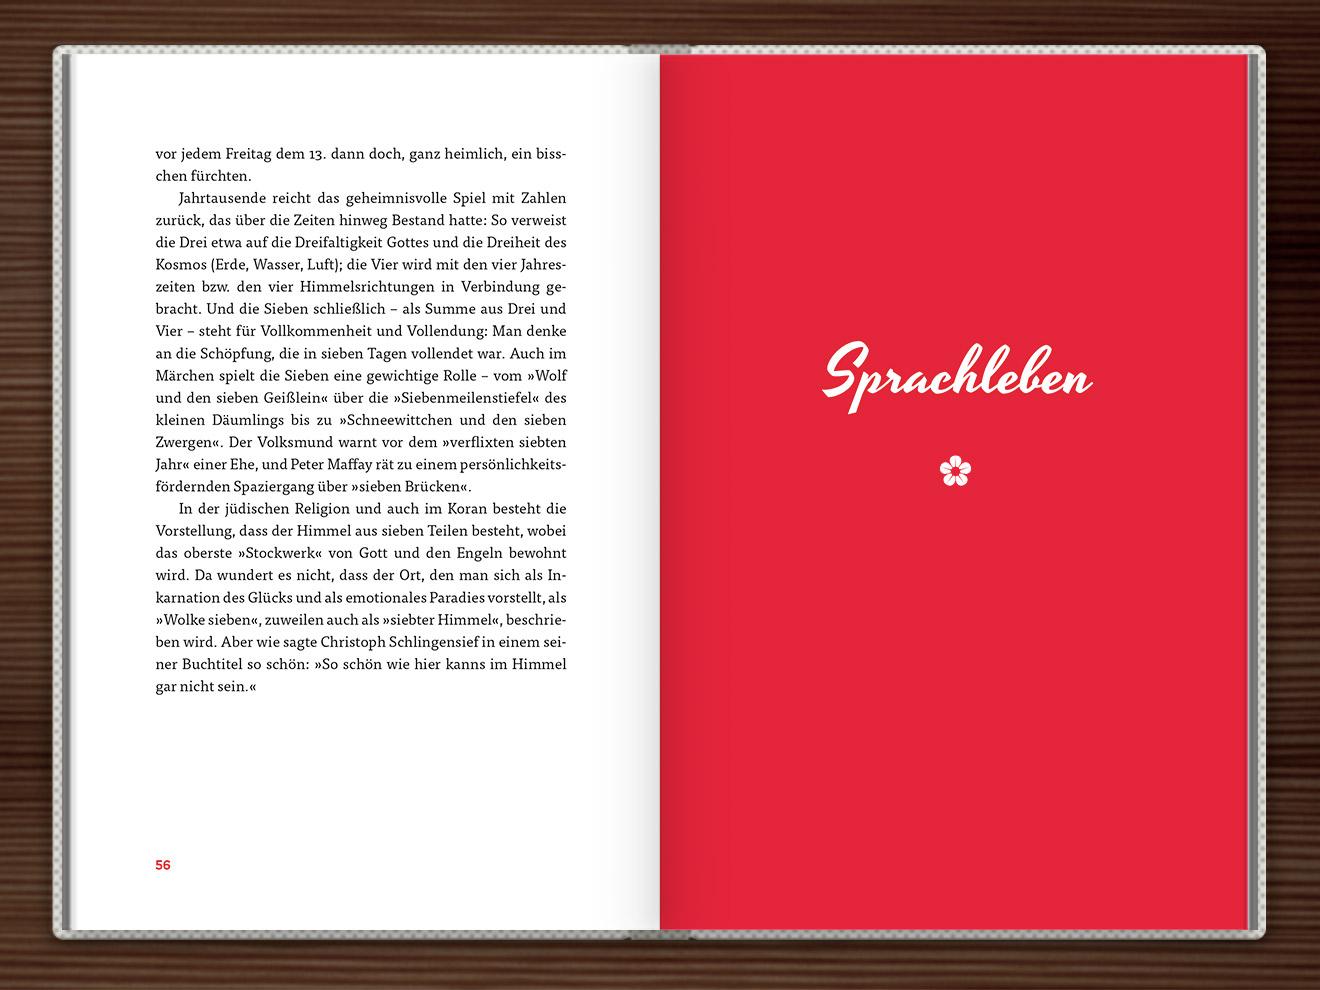 Sprachleben im Buch Du hast das Wort, Schätzchen! 100 charmante Geschichten rund um die Sprache im Duden Verlag von Rita Mielke mit Illustrationen im Sixties-Stil von Iris Luckhaus